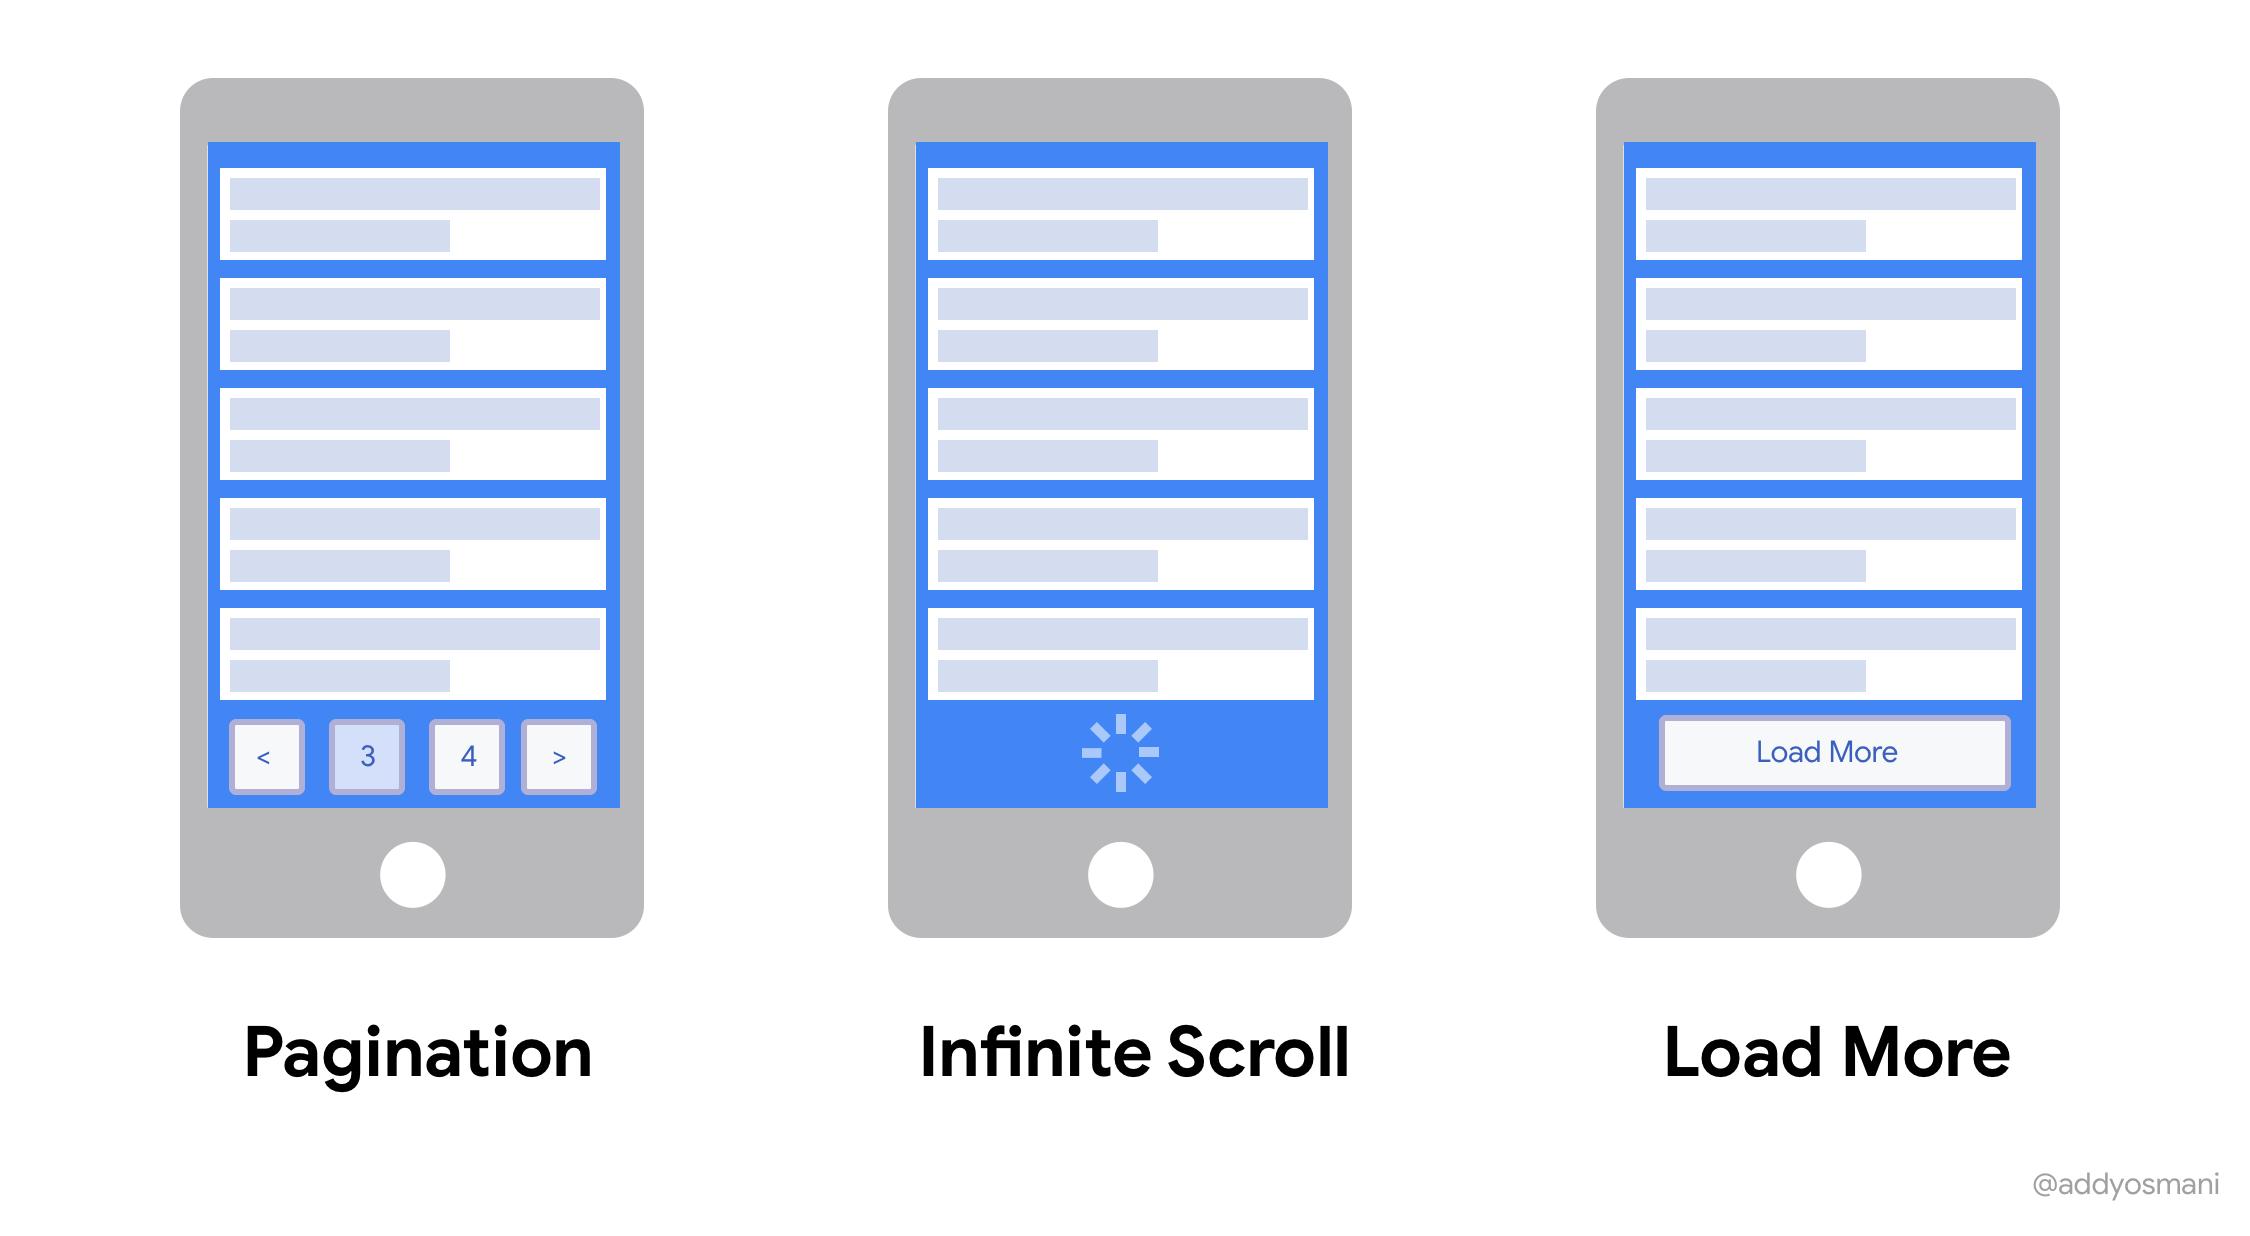 A comparison of infinite scroll vs. pagination vs load more